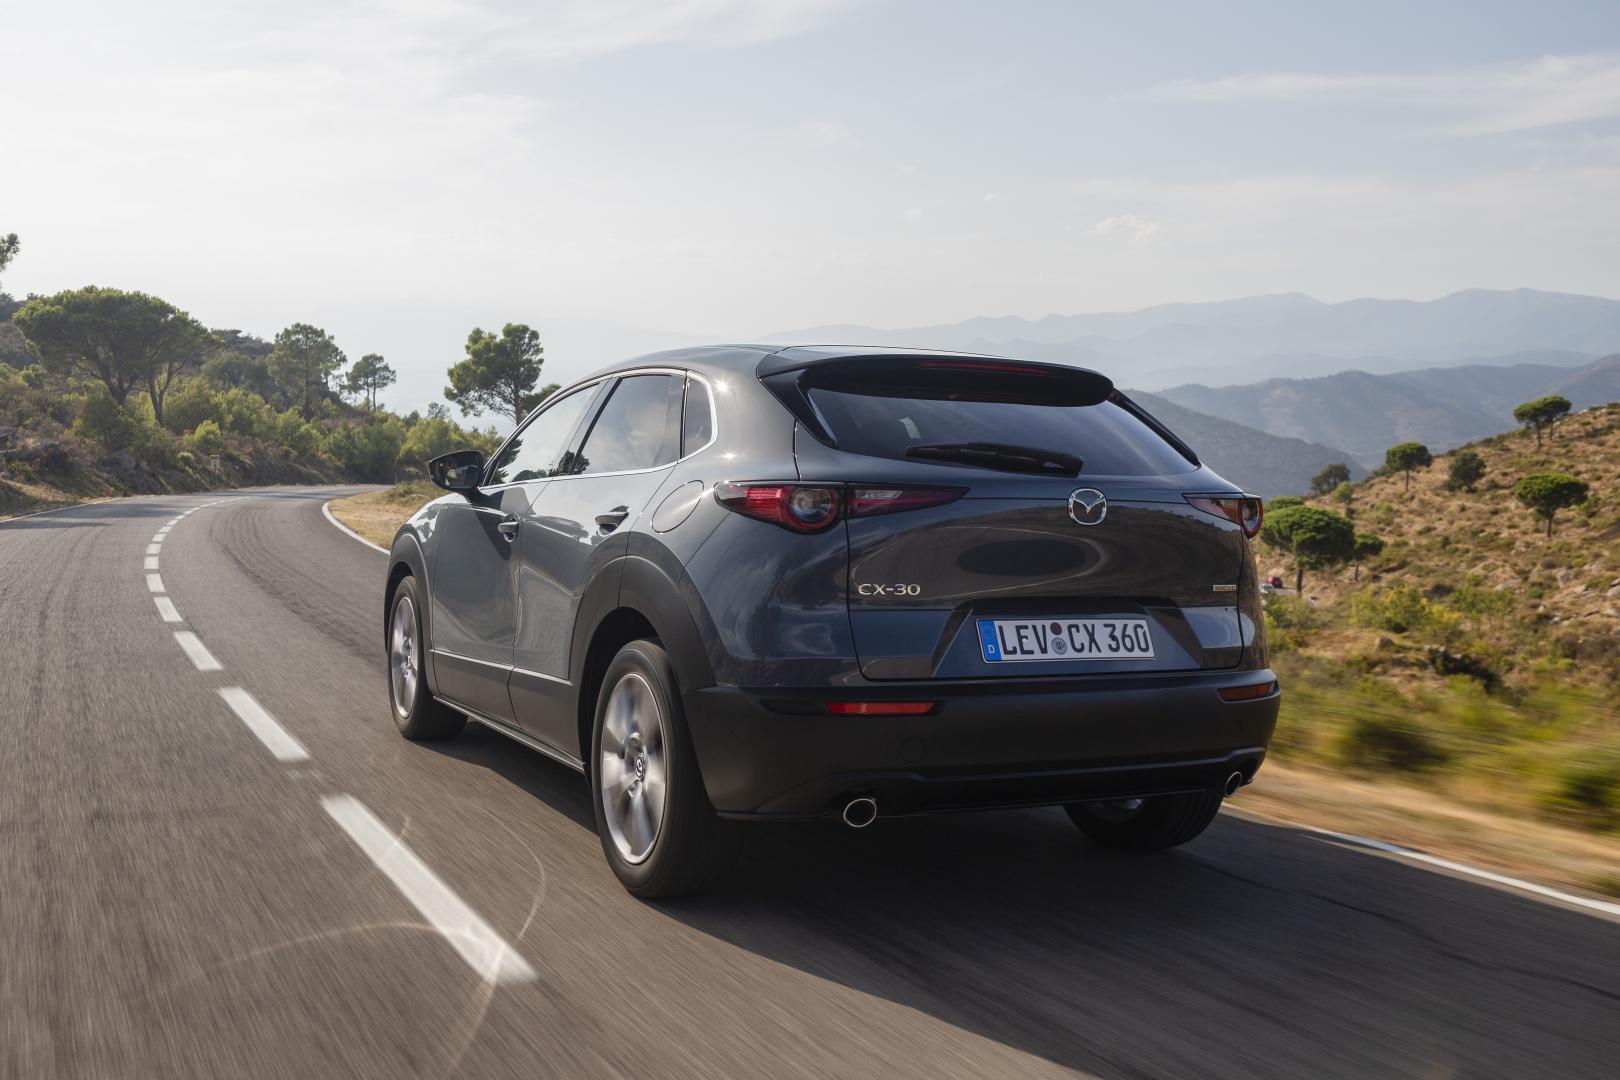 Mazda CX-30 2019 drie kwart achter rijdend